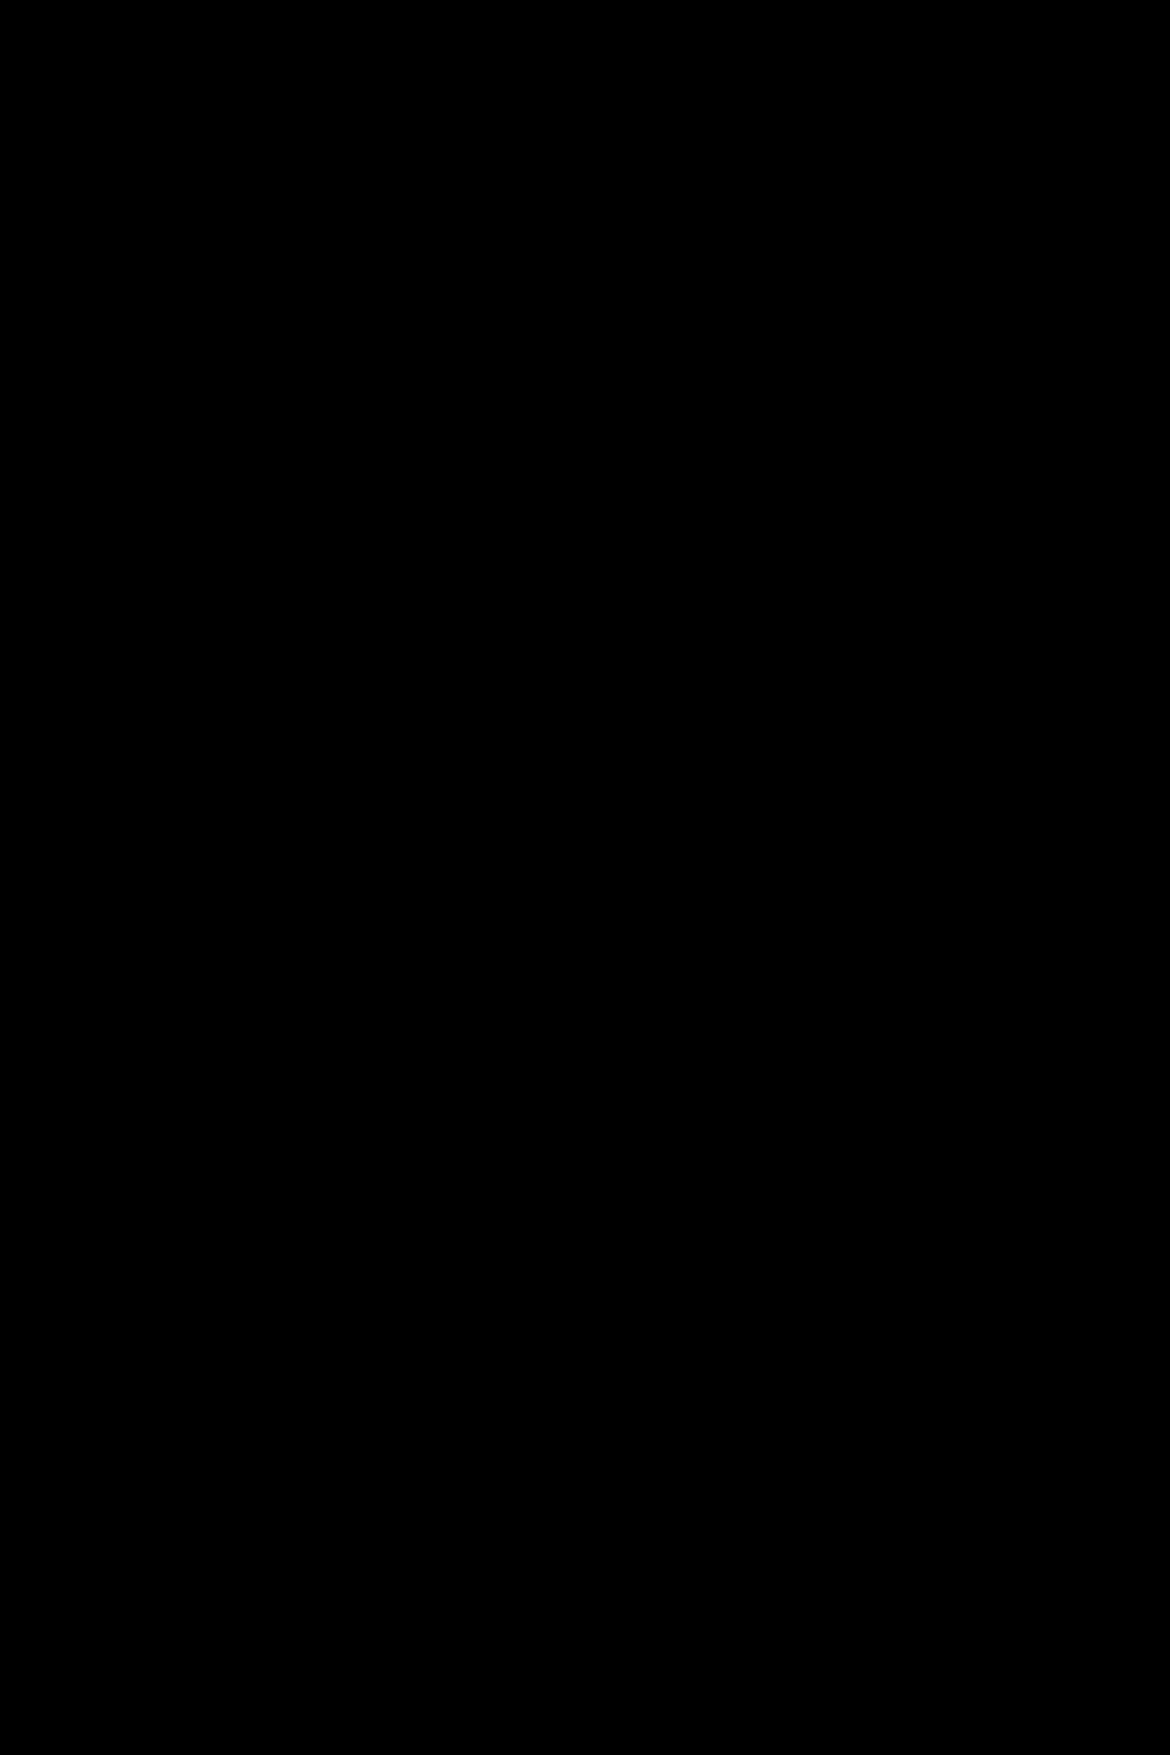 Laura Comolli e Ornella Picciau all'inaugurazione del nuovo store Dixie di Torino - 3 look low cost per le feste scelti da Dixie